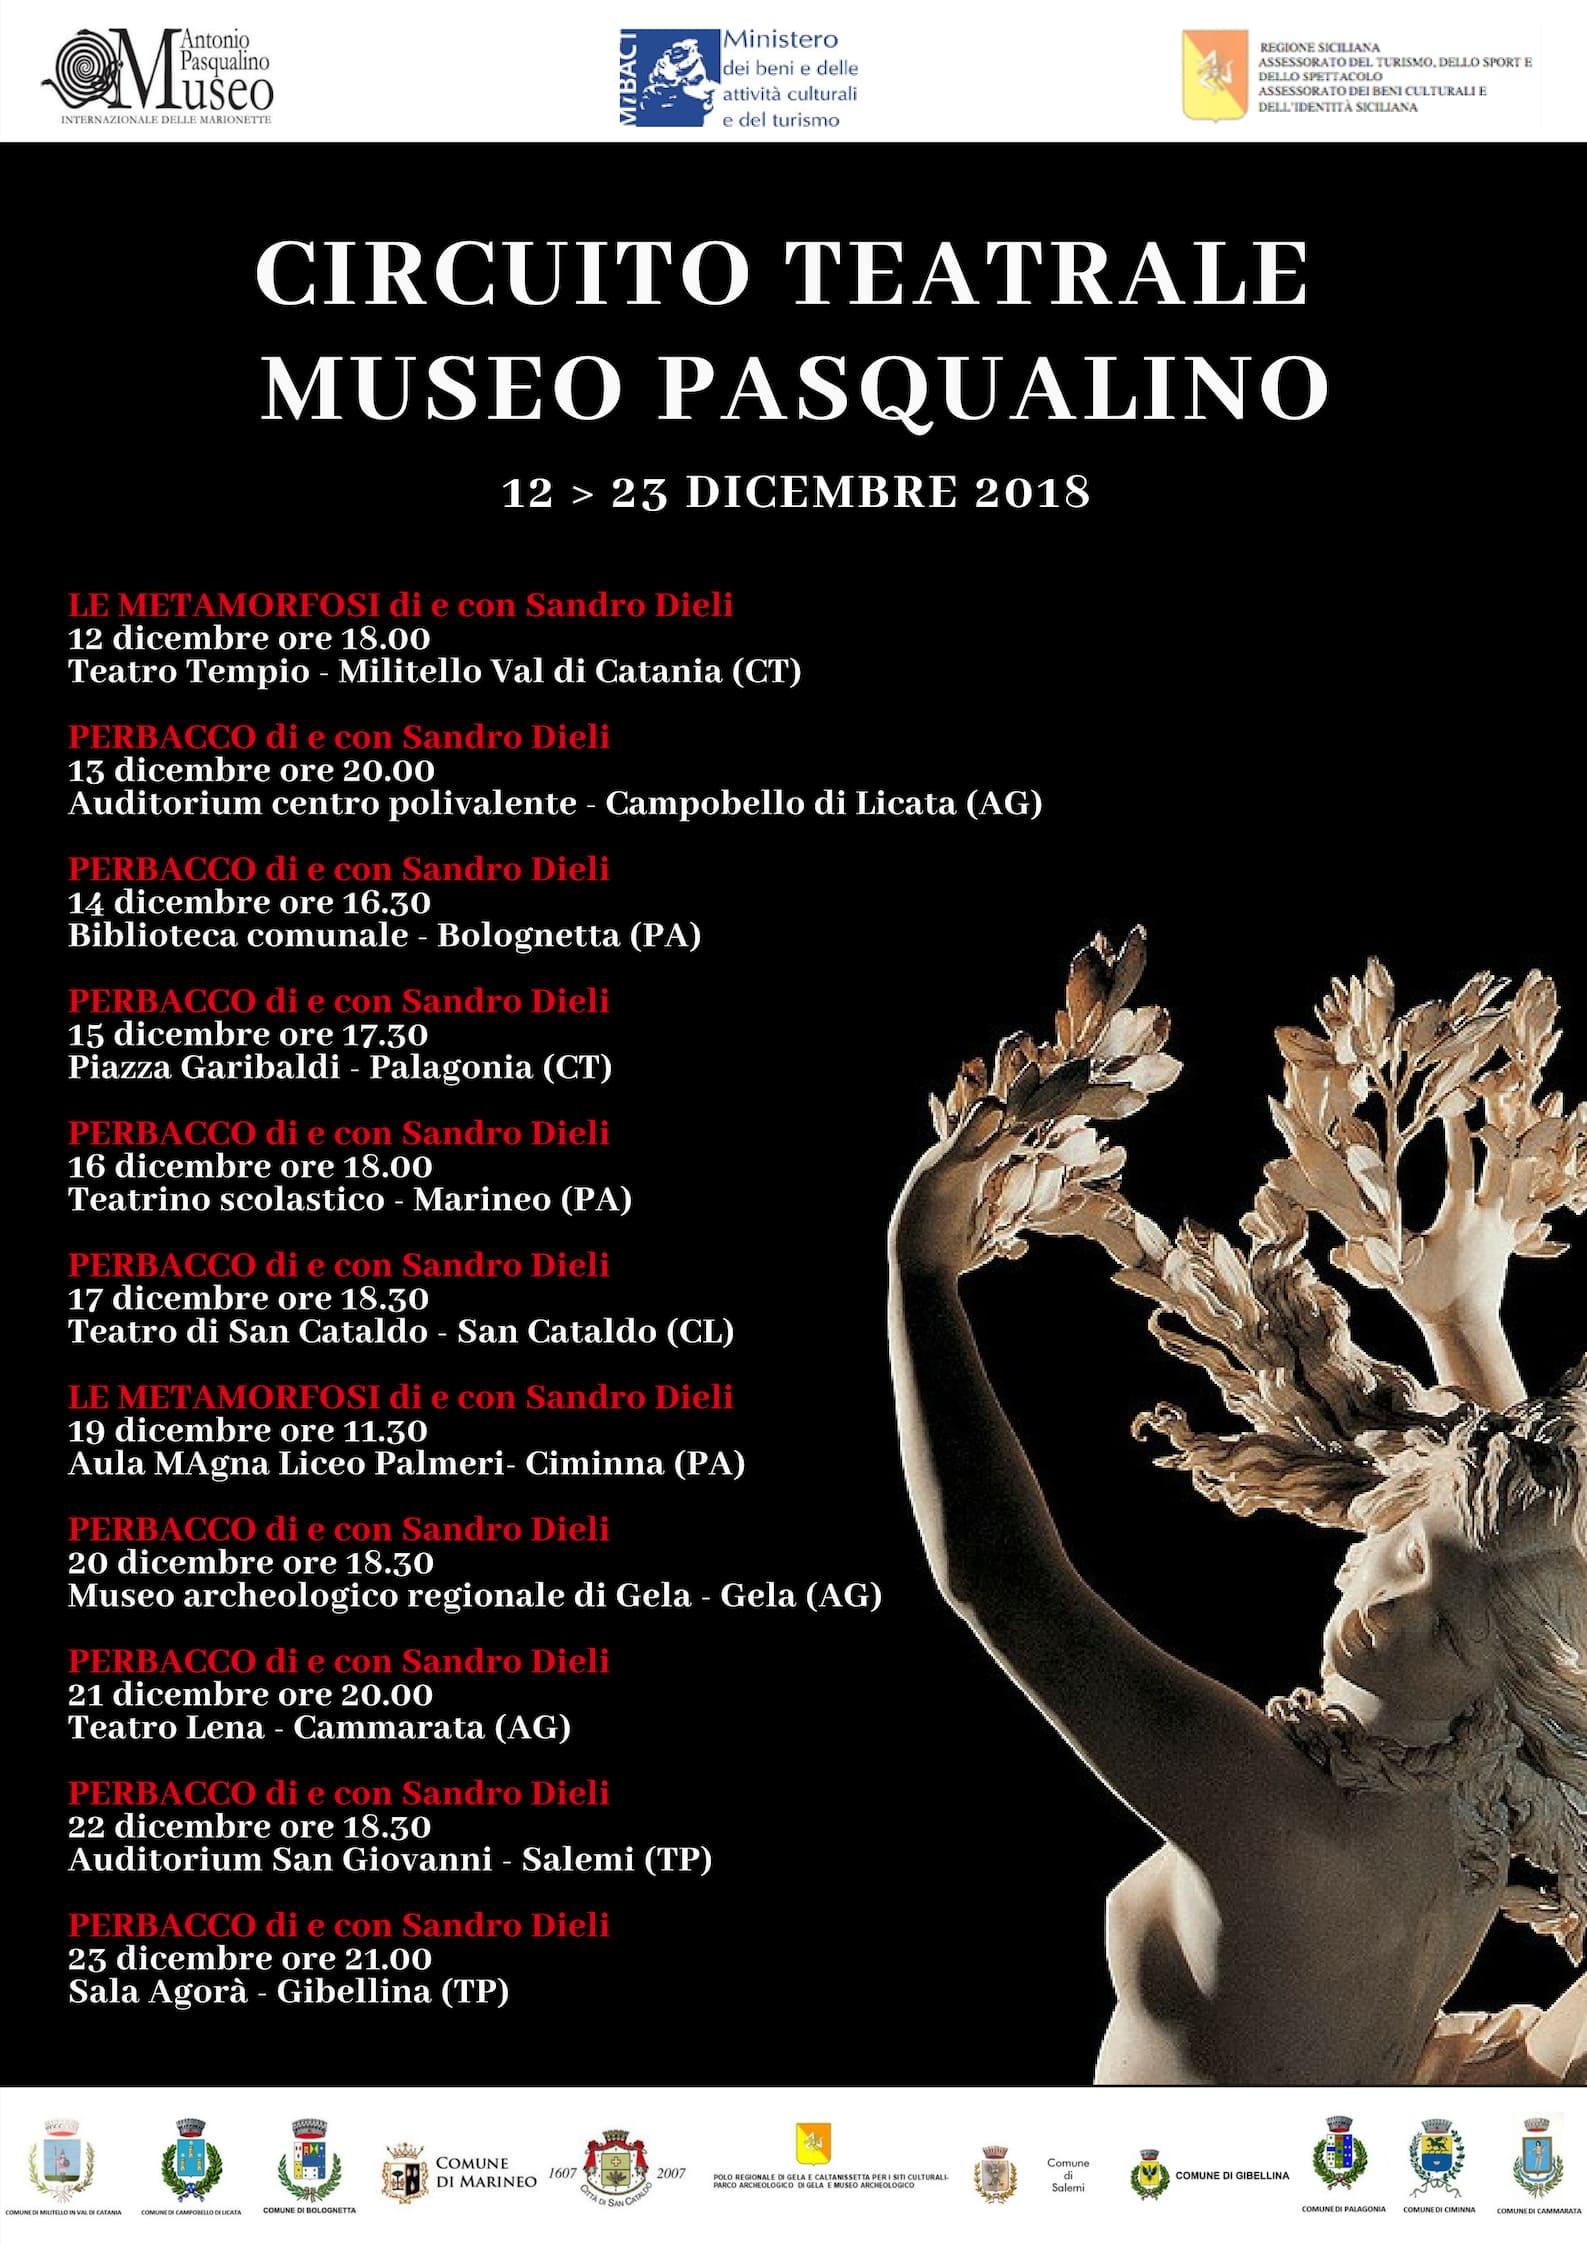 Circuito_teatrale_Museo_Pasqualino_1.jpg - 345.09 kB